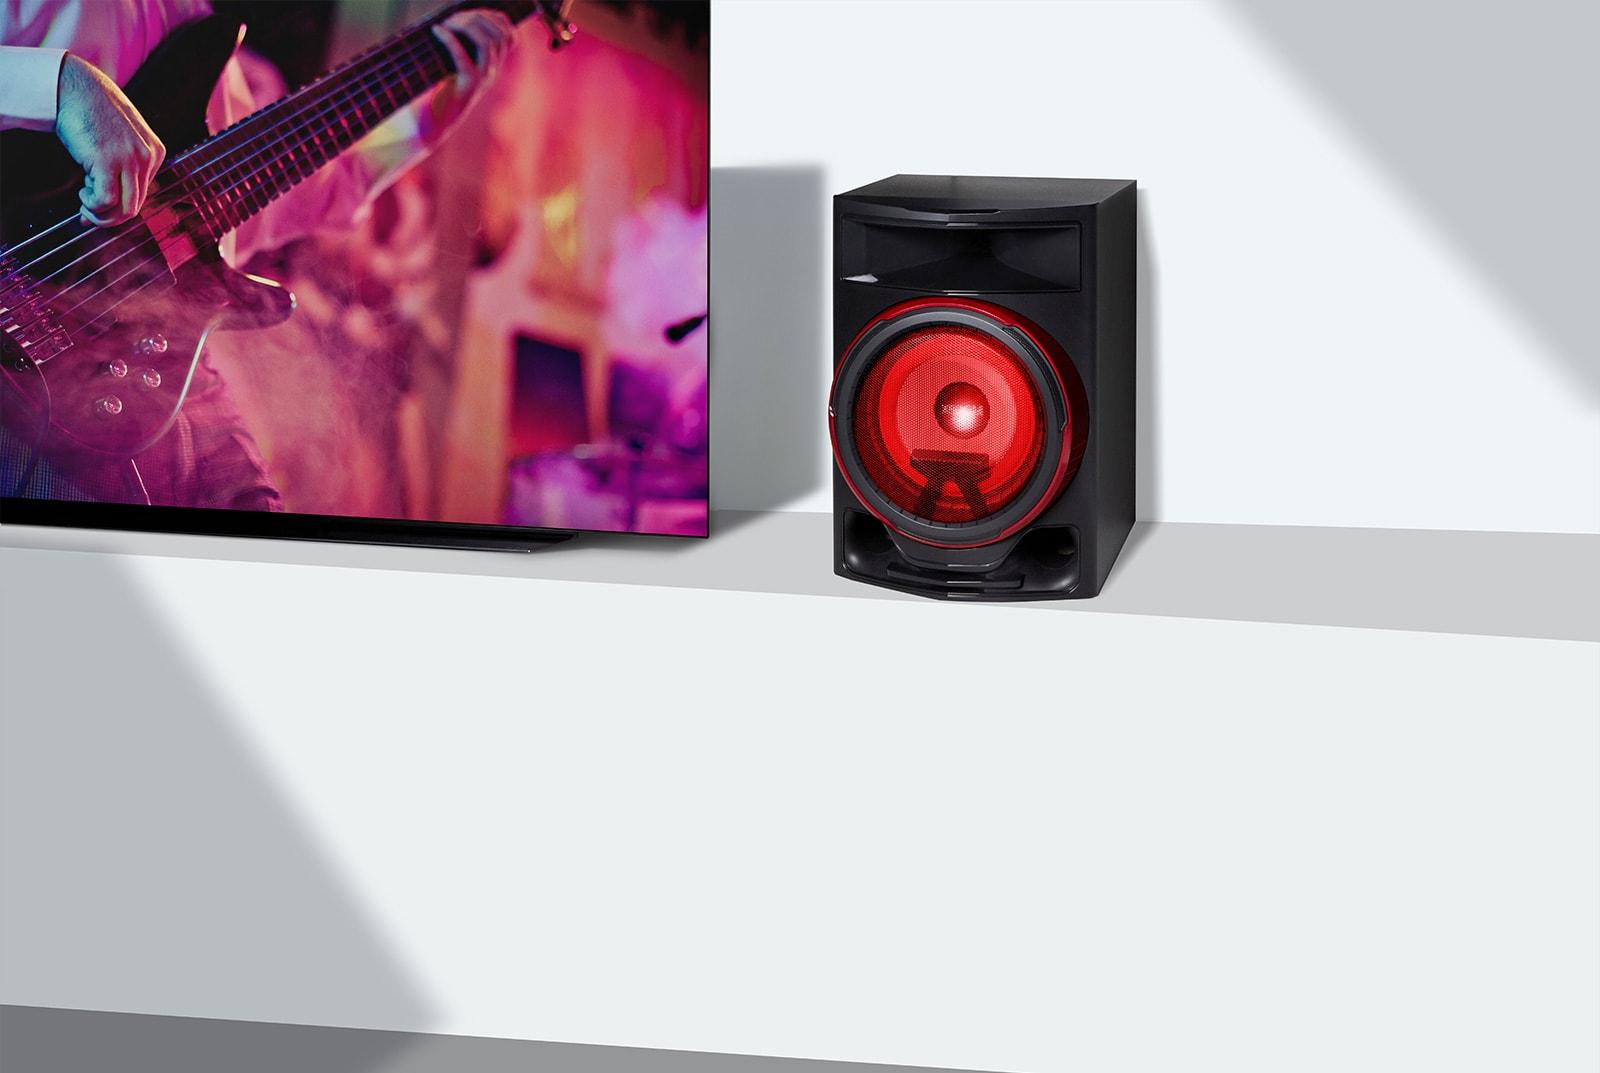 La mejor experiencia de sonido con TV Sound Sync1